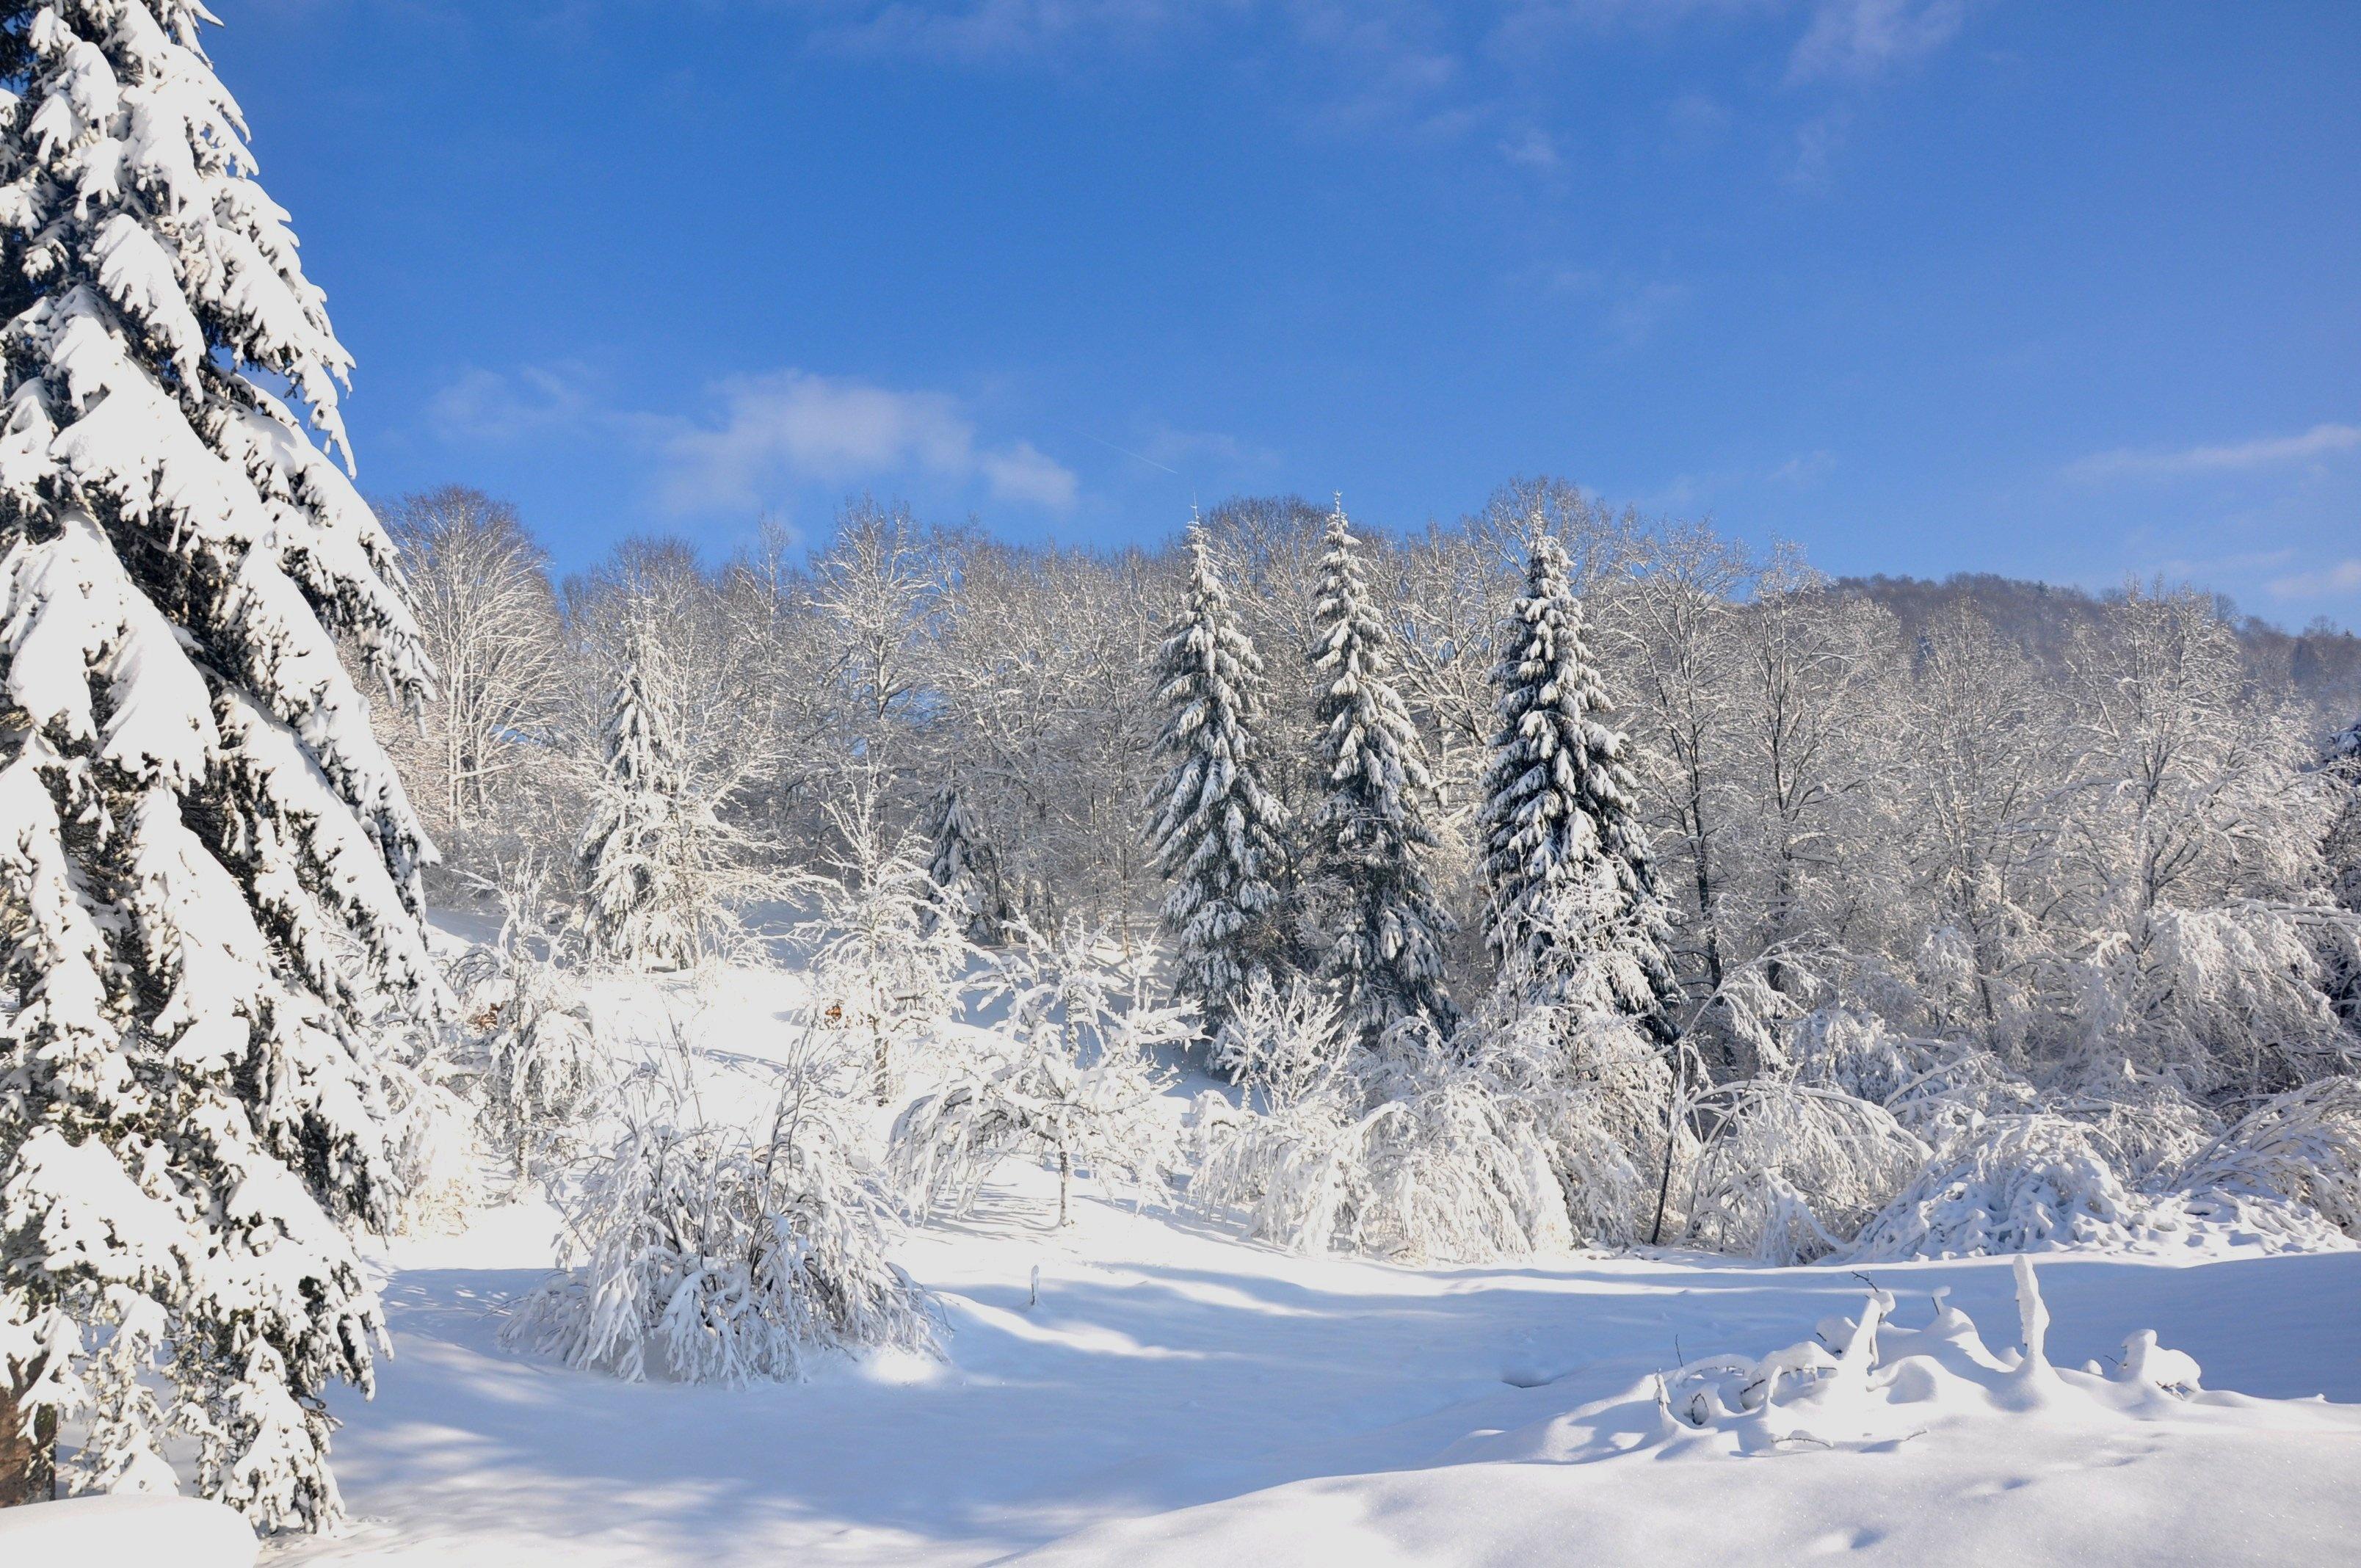 Images gratuites arbre r gion sauvage montagne neige - Photos de neige gratuites ...